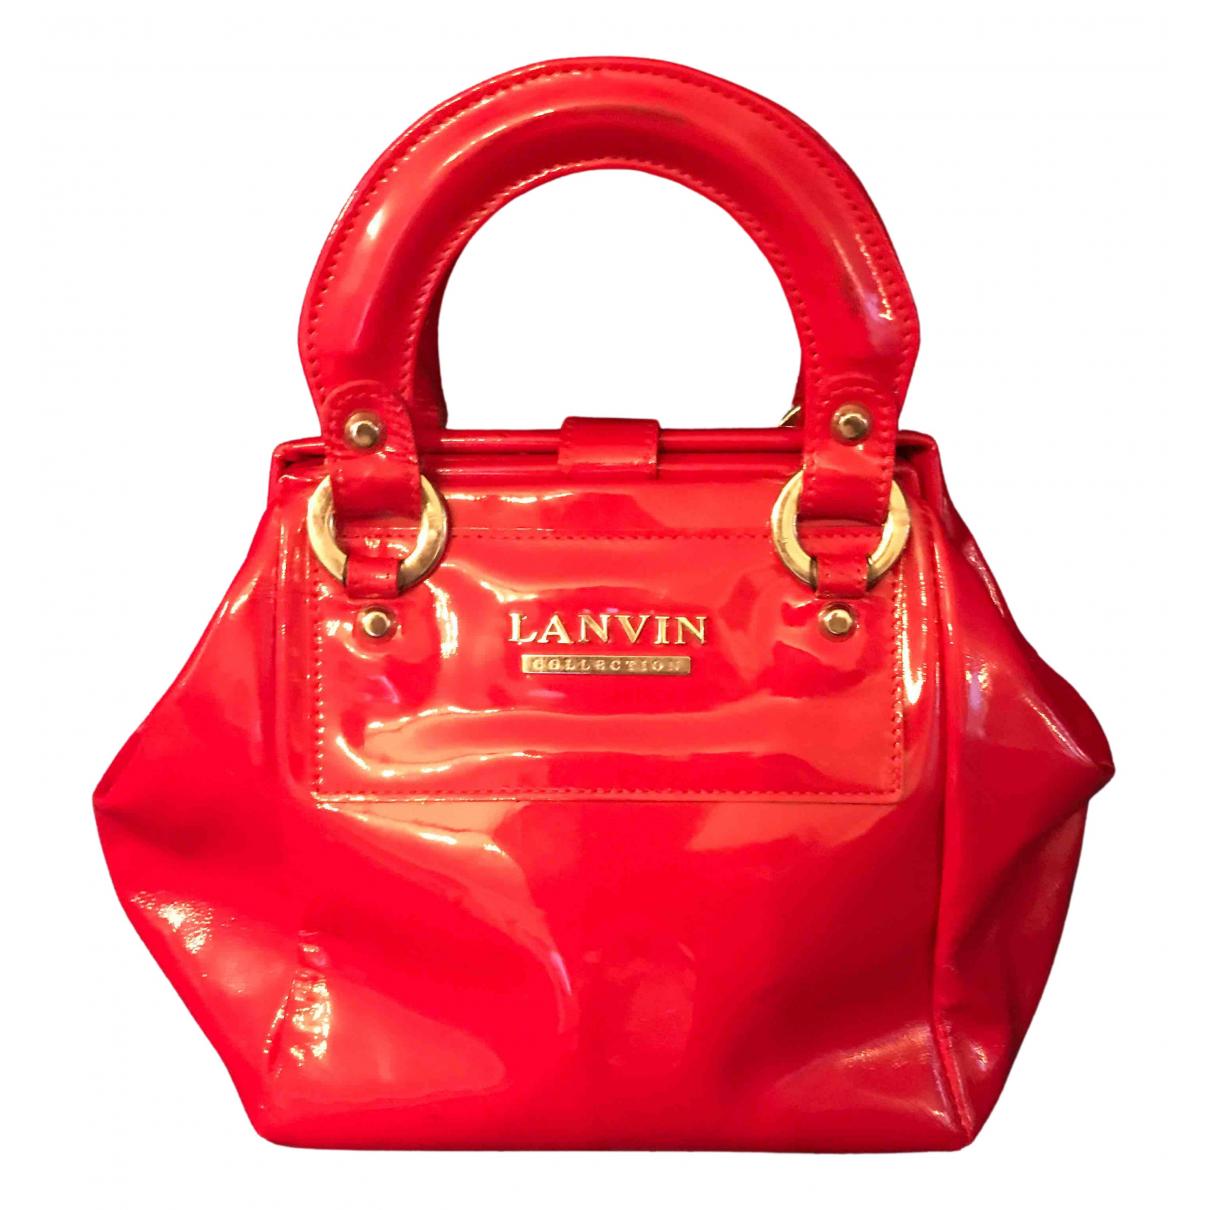 Lanvin - Sac a main   pour femme en cuir verni - rouge